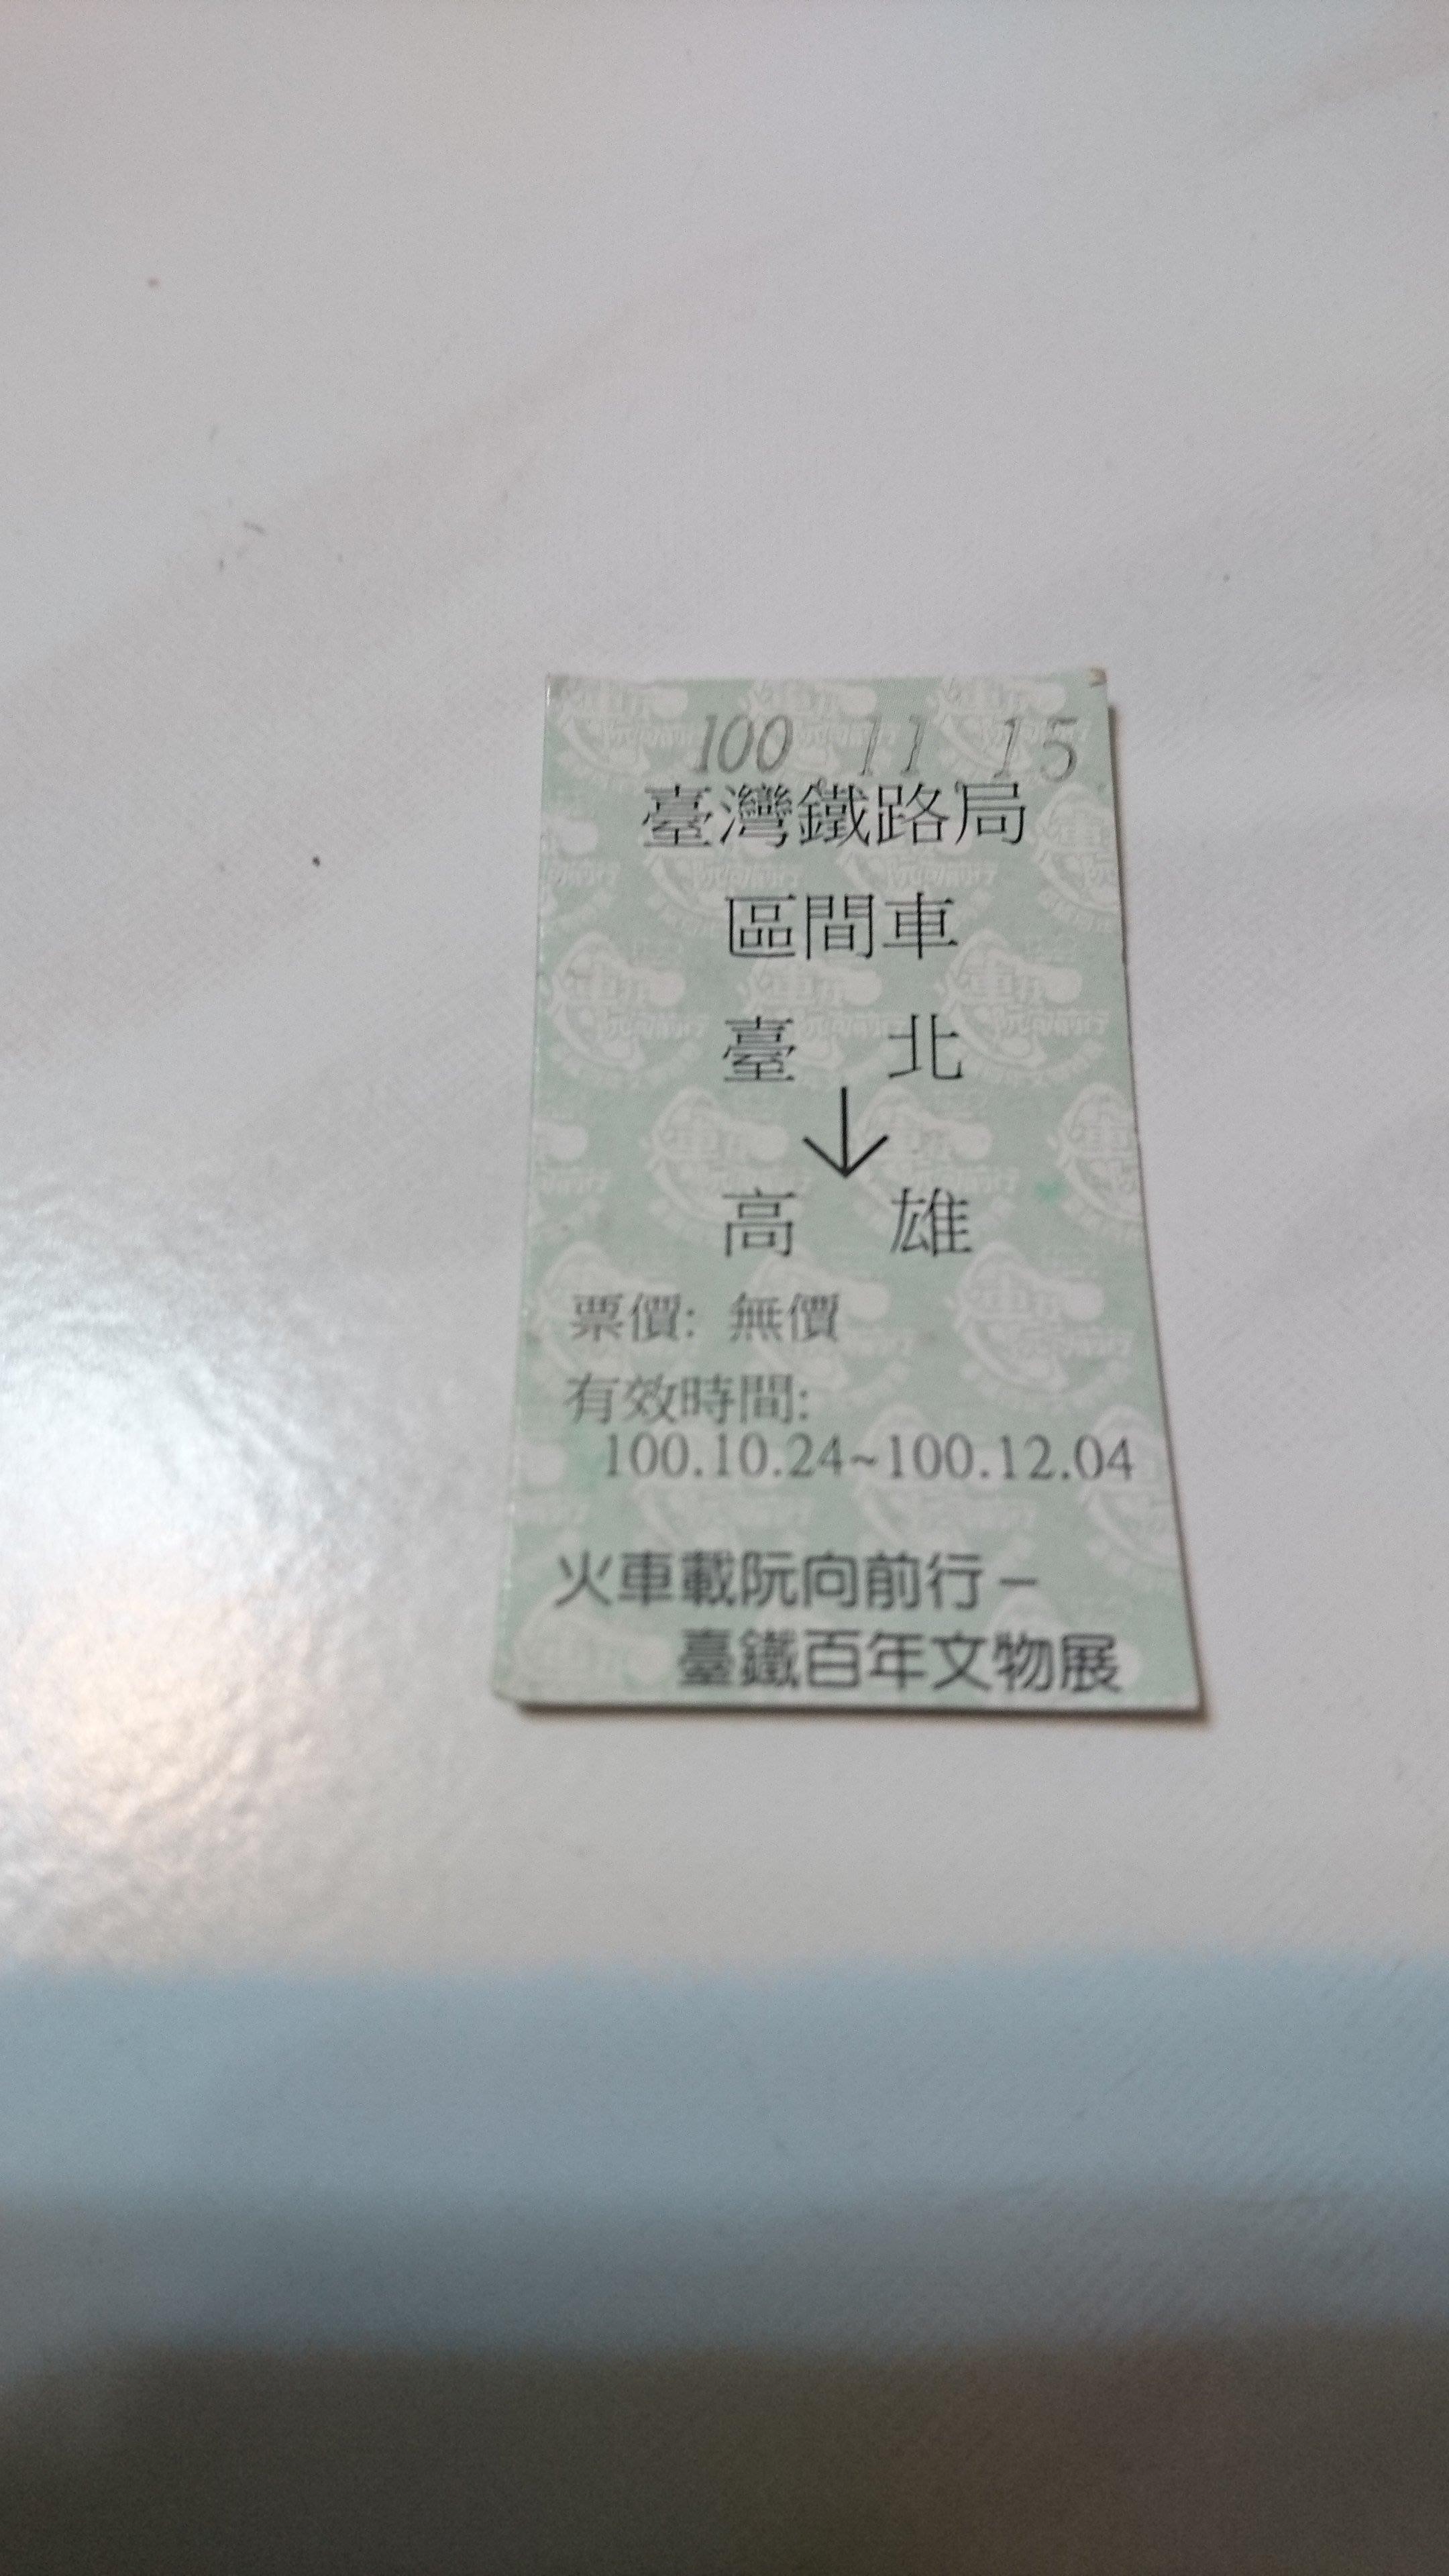 火車載阮向前行 - 台鐵百年文物特展